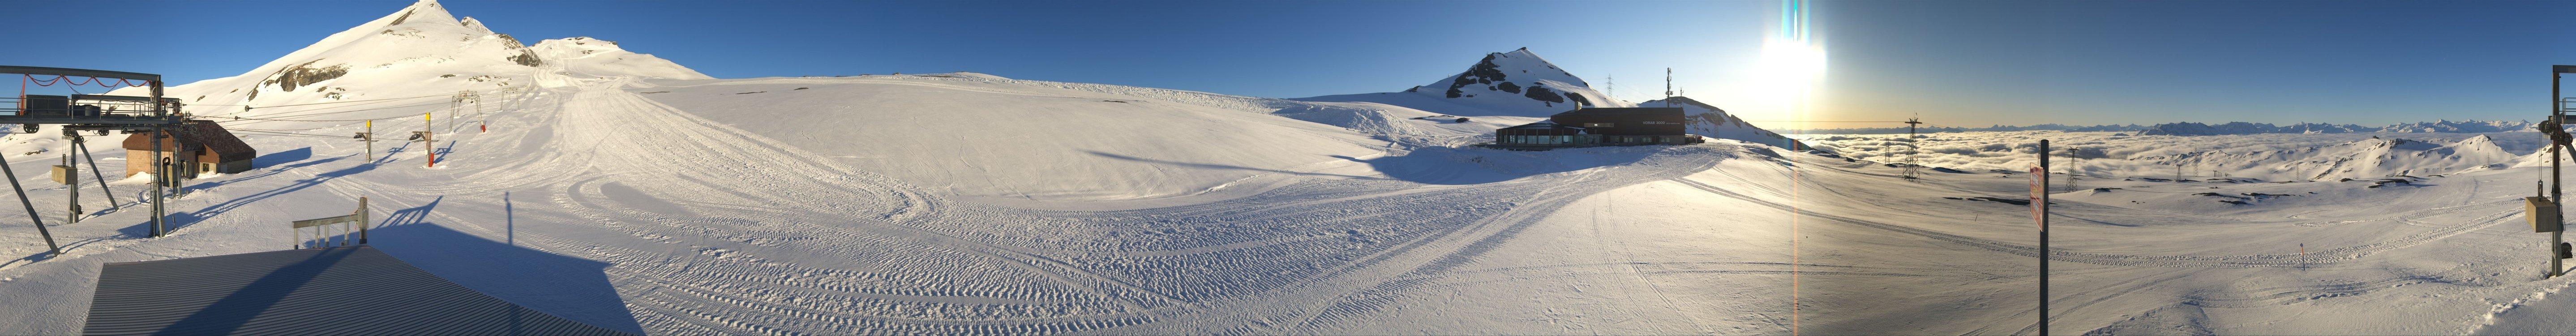 Vorab Gletscher